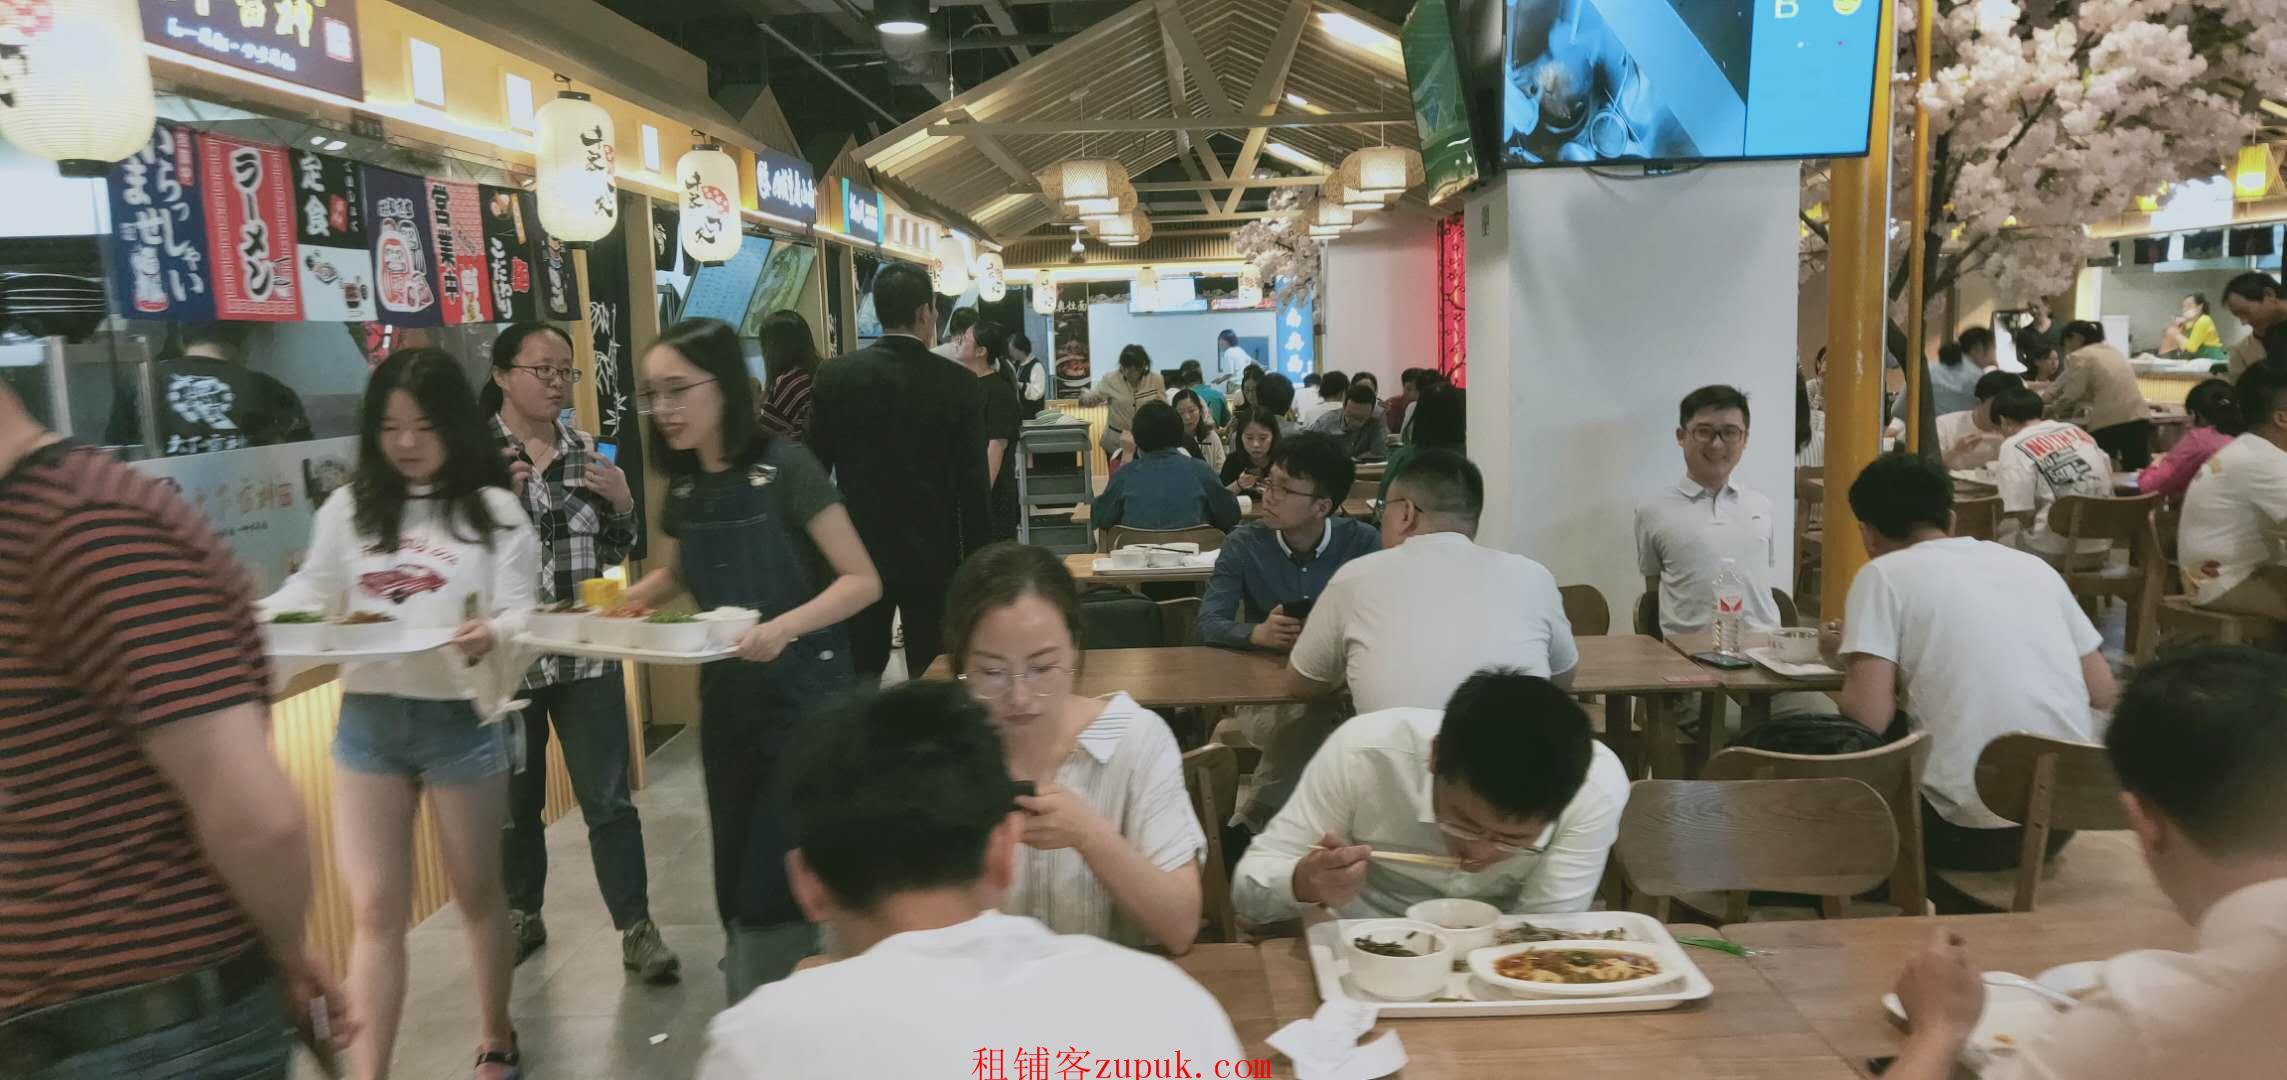 出租天河东圃临街门面,可小吃 饭食,位置好,人超多